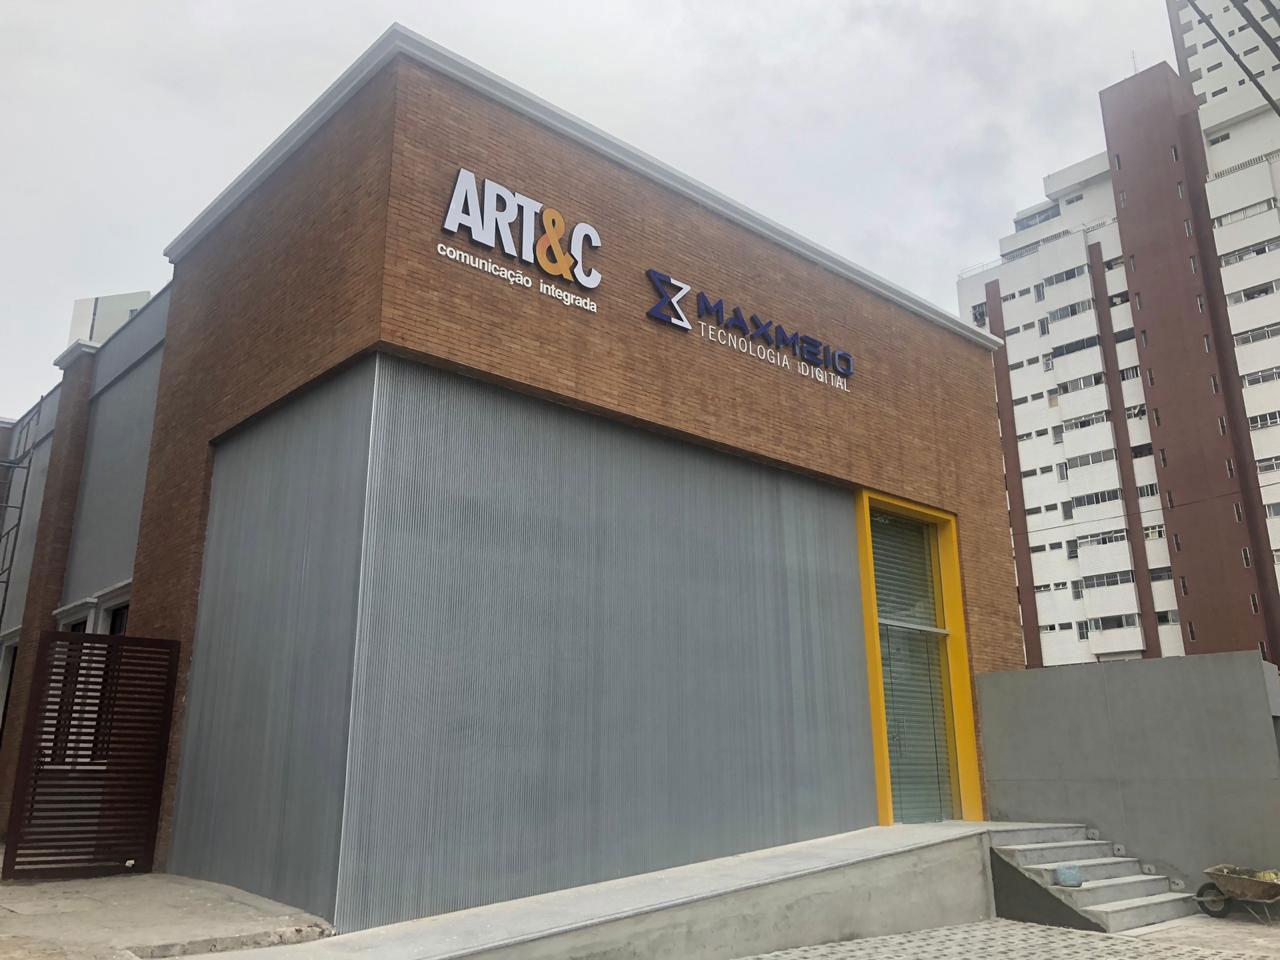 Art&C / Maxmeio